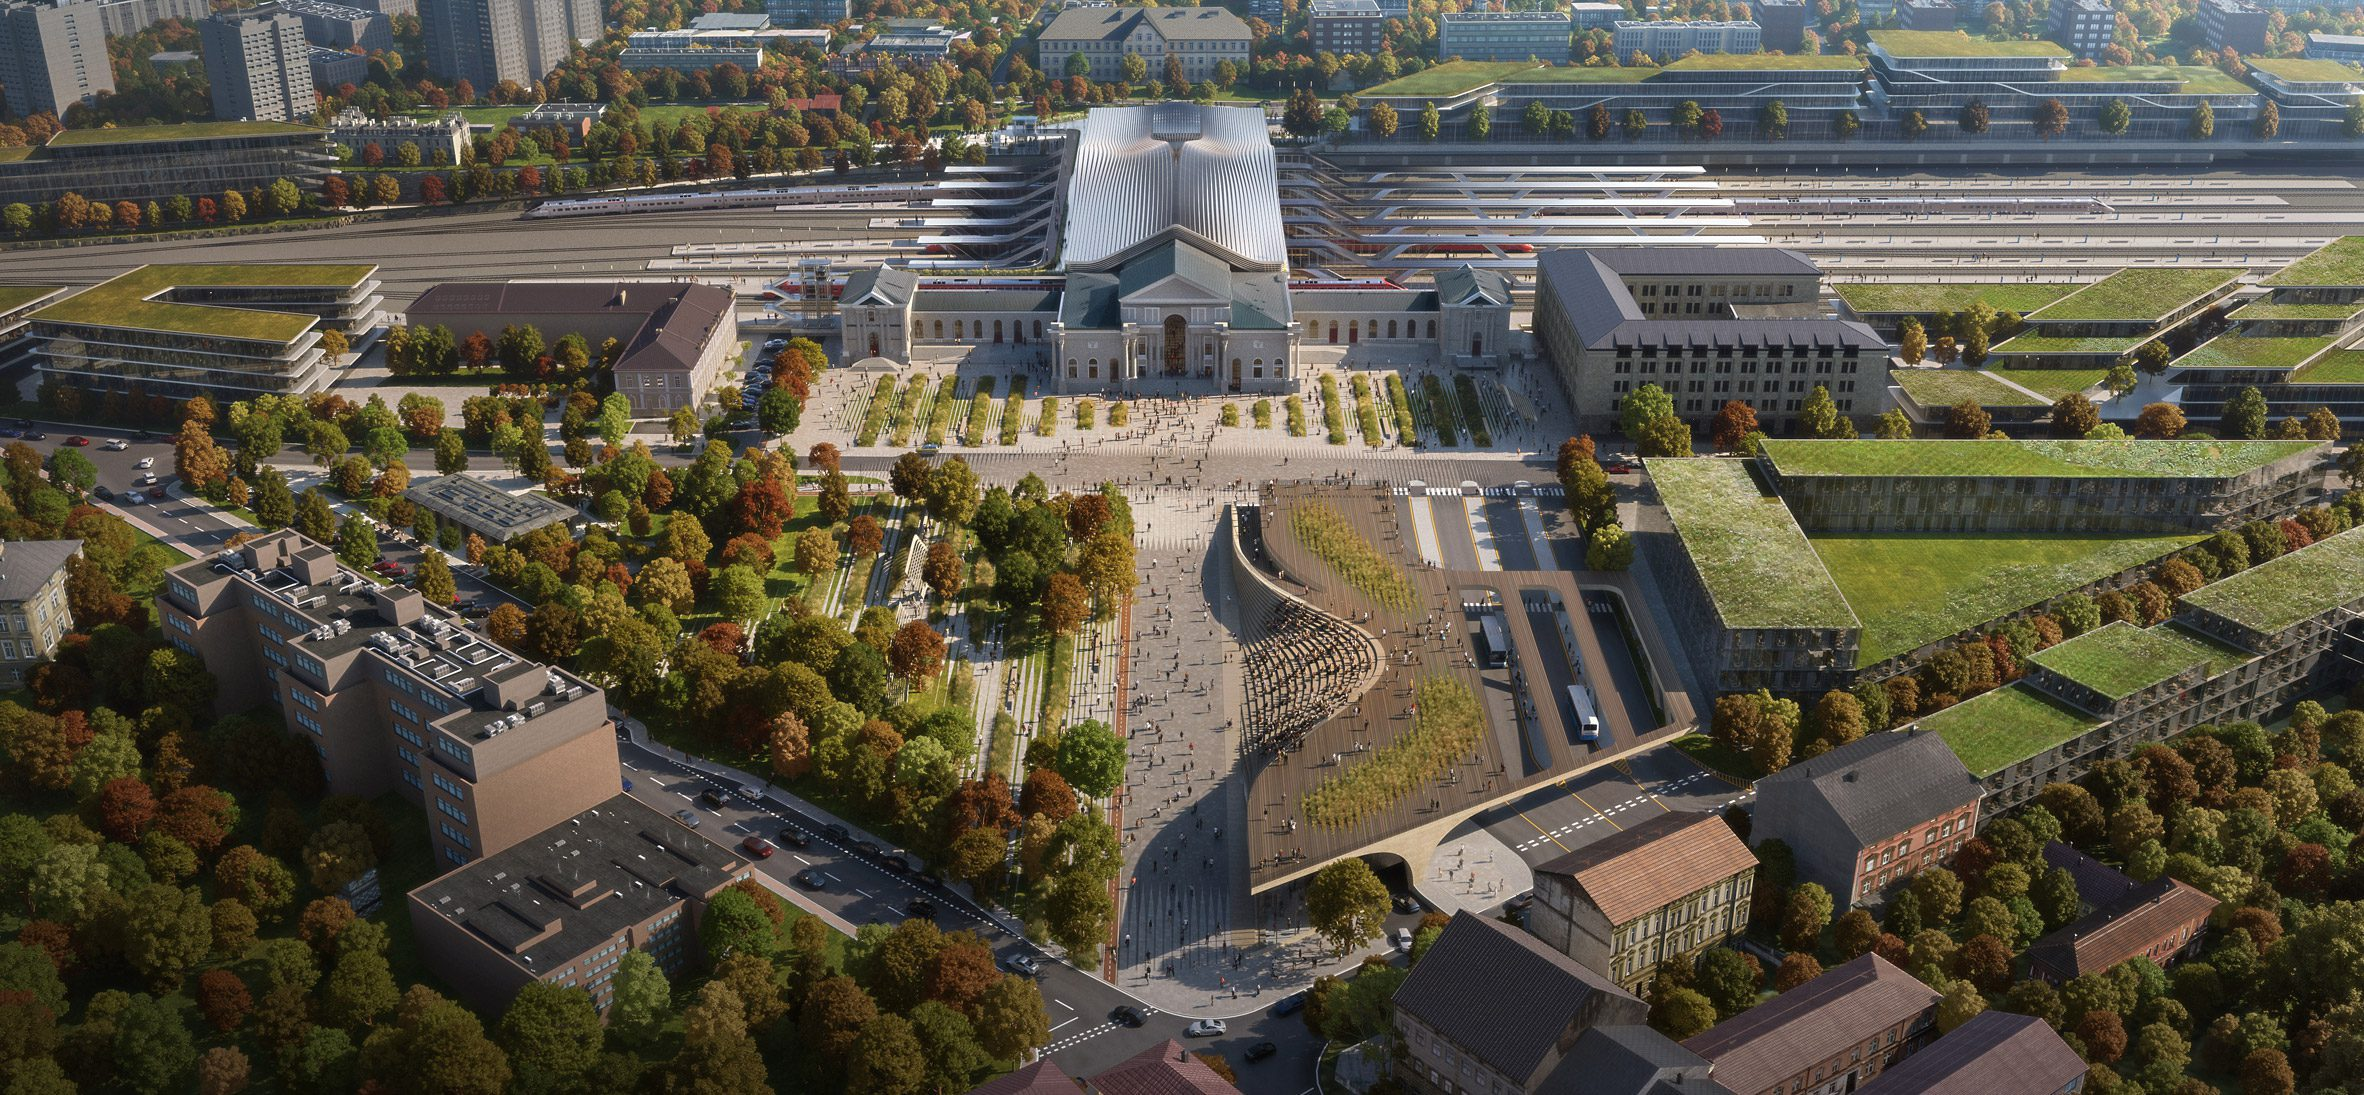 Аэрофотоснимок планируемой реновации Вильнюсского вокзала. Реновация реконструкции Green Connect от Zaha Hadid Architects.